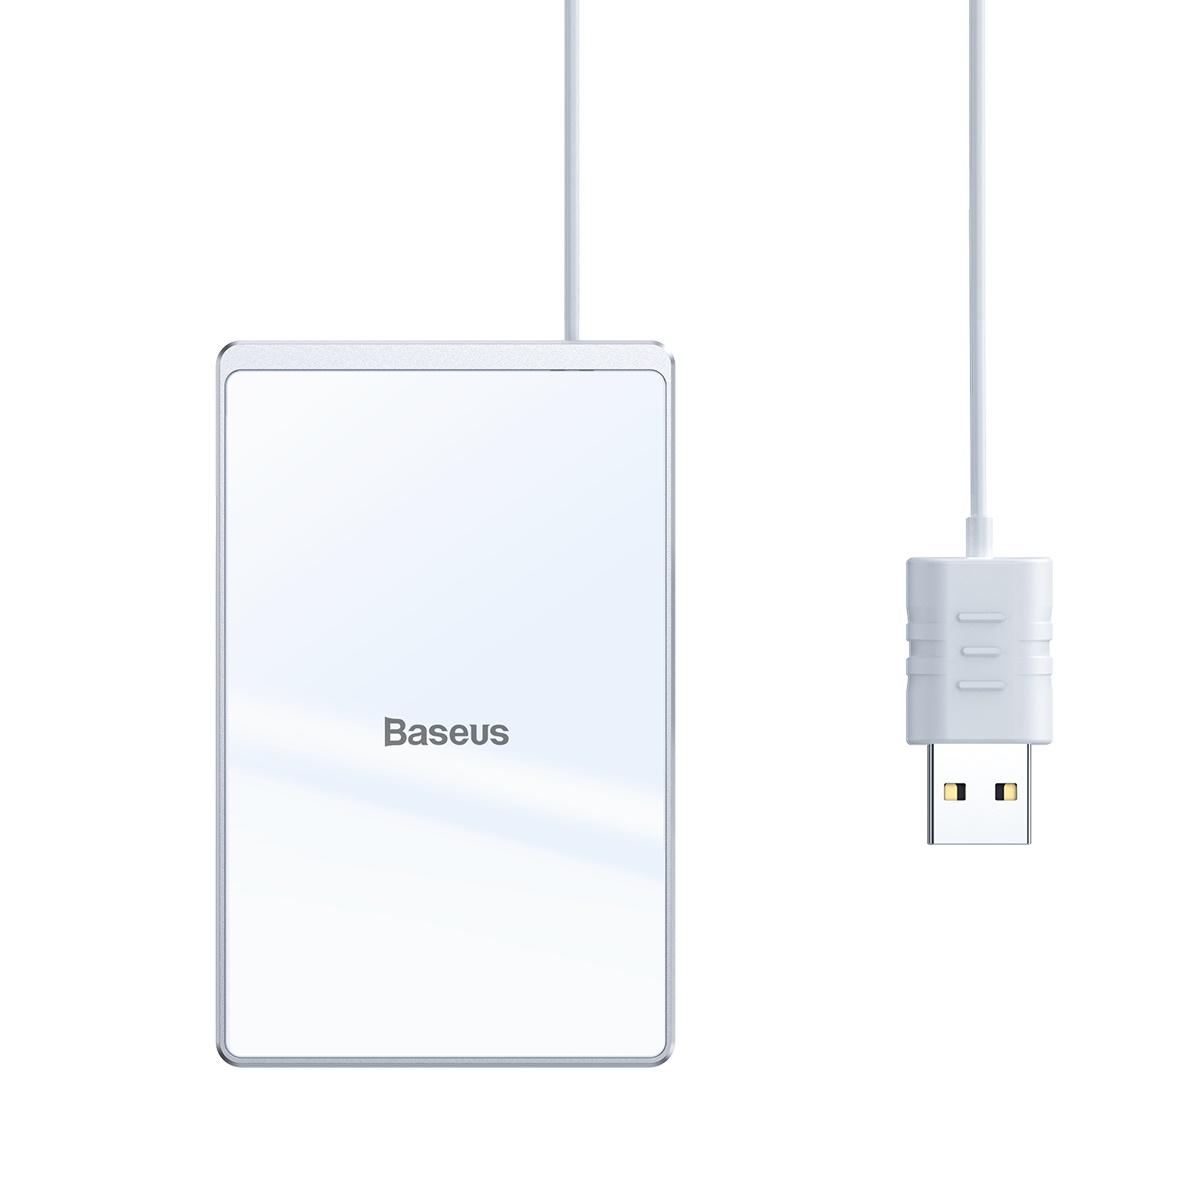 Baseus Card Ultratunn trådlös laddare+USB-kabel (1m), 15W, vit